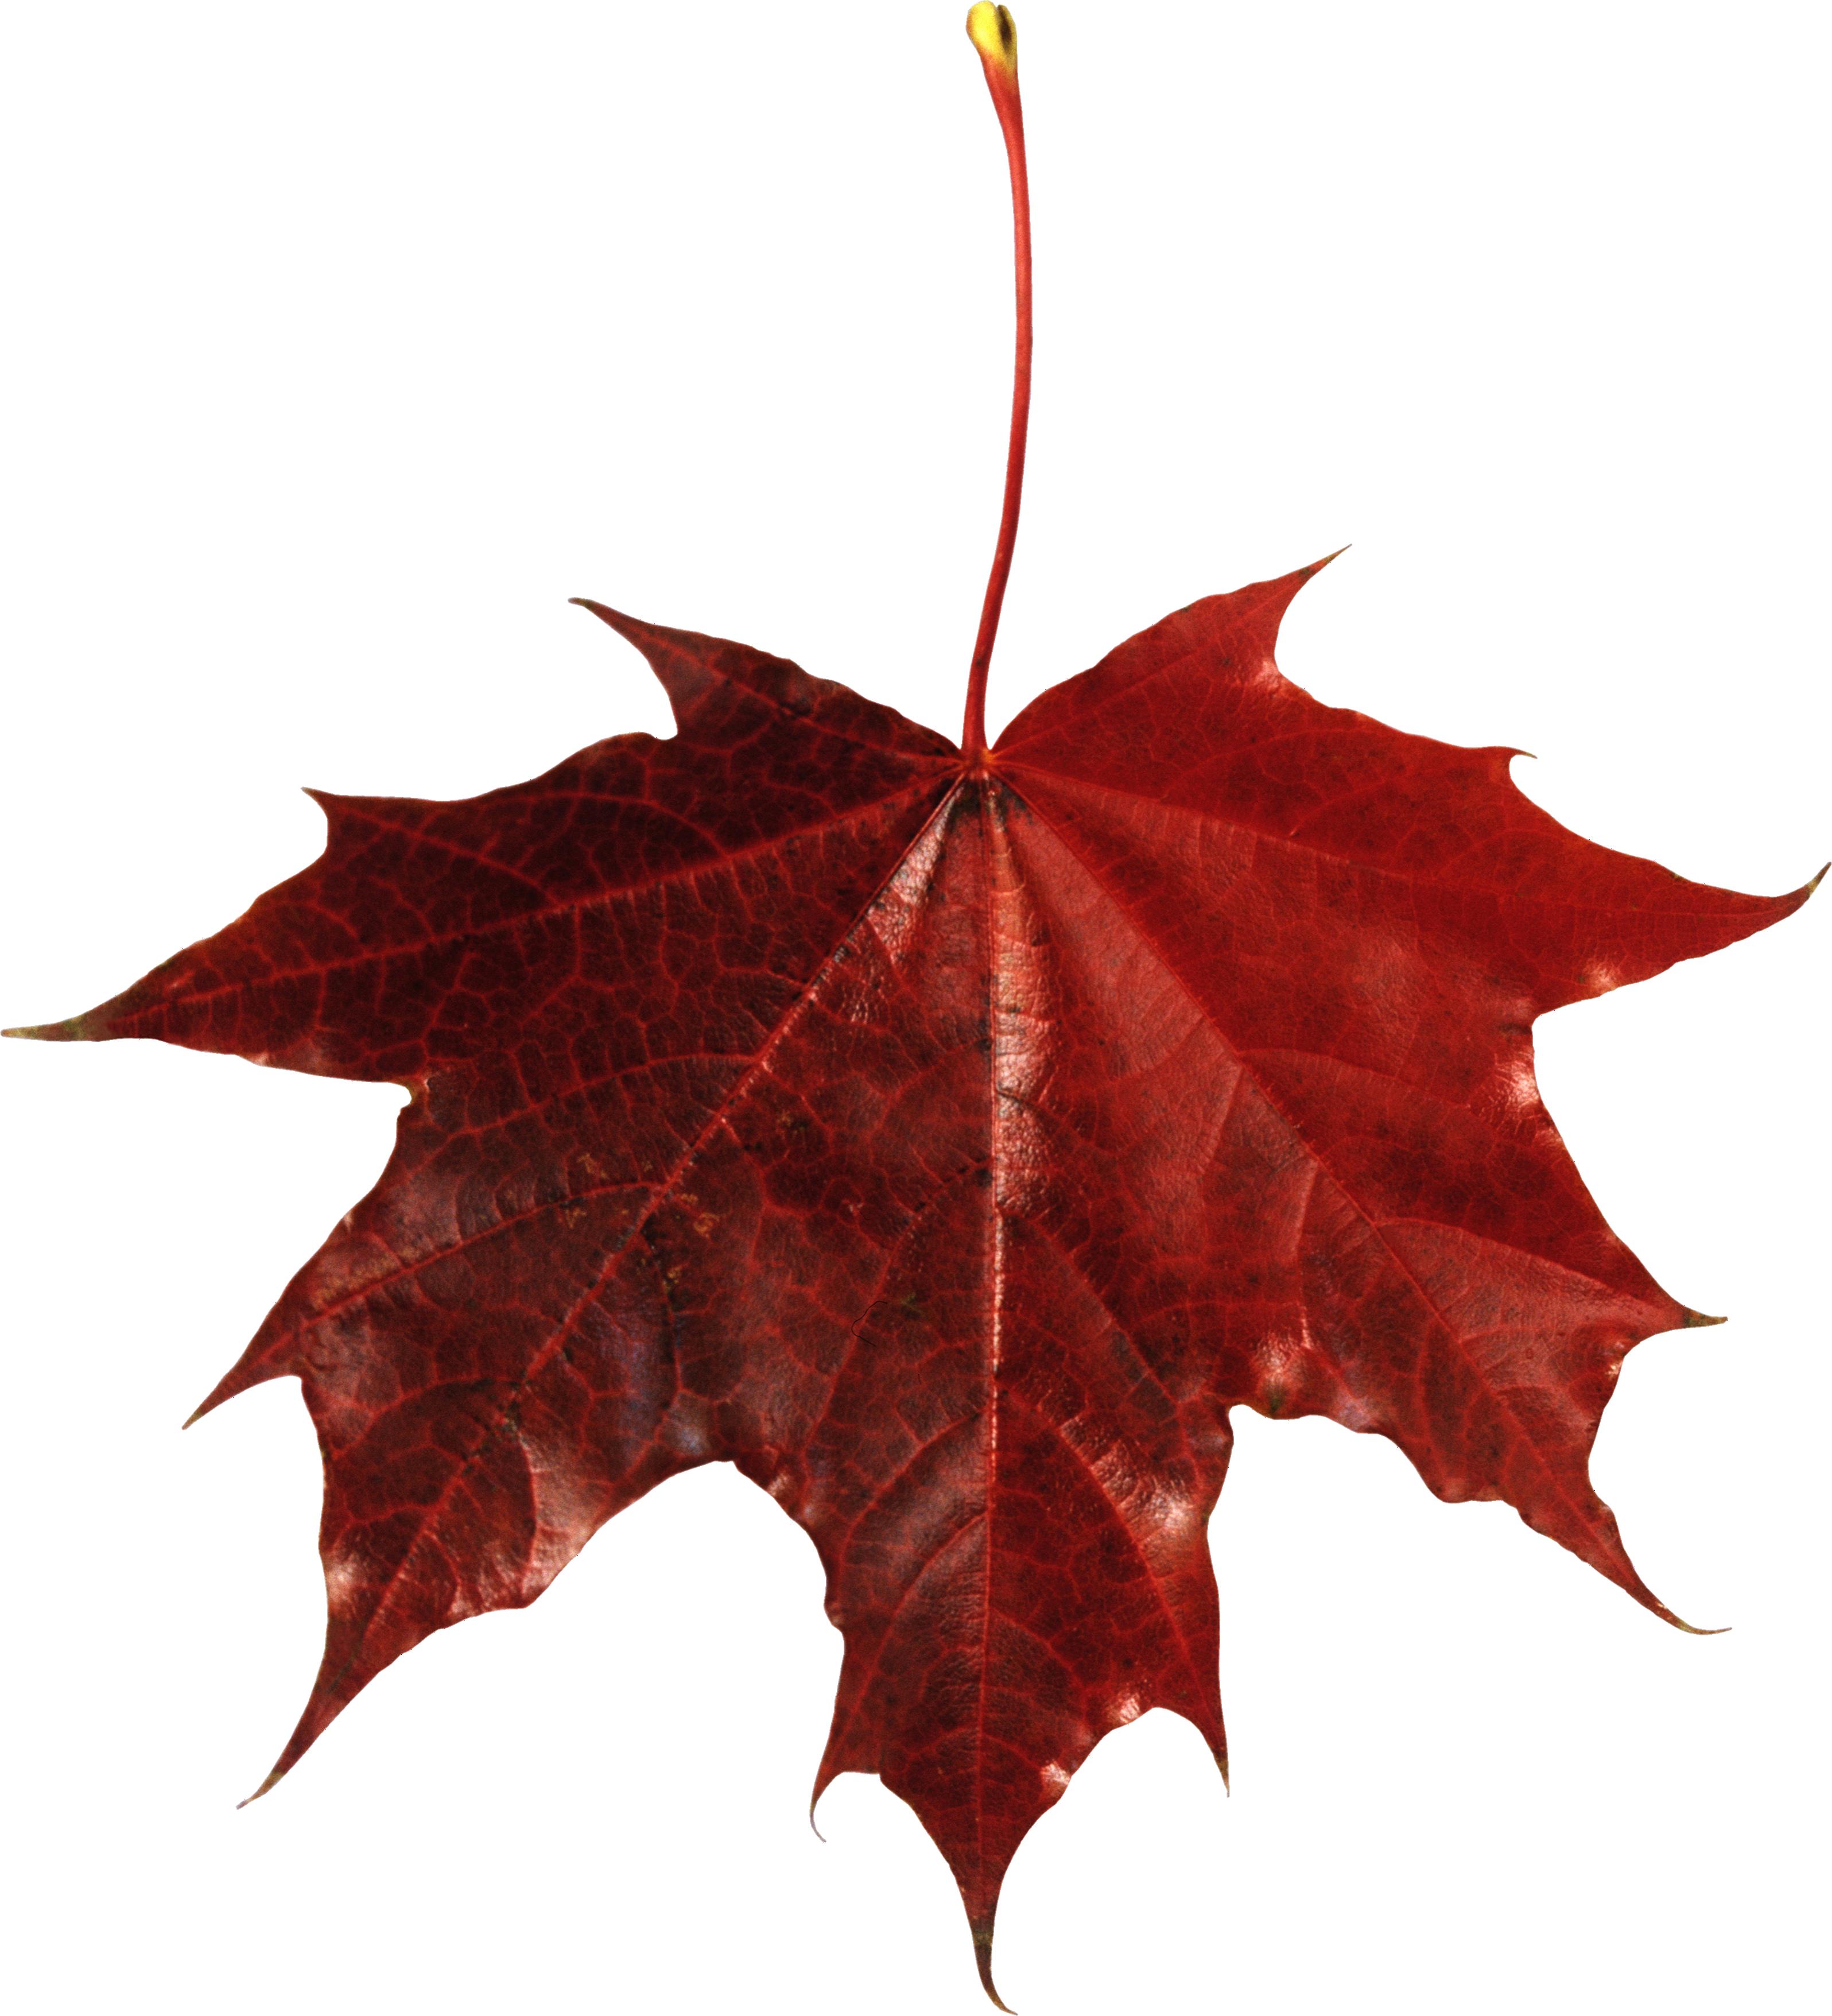 Red Leaf PNG Image